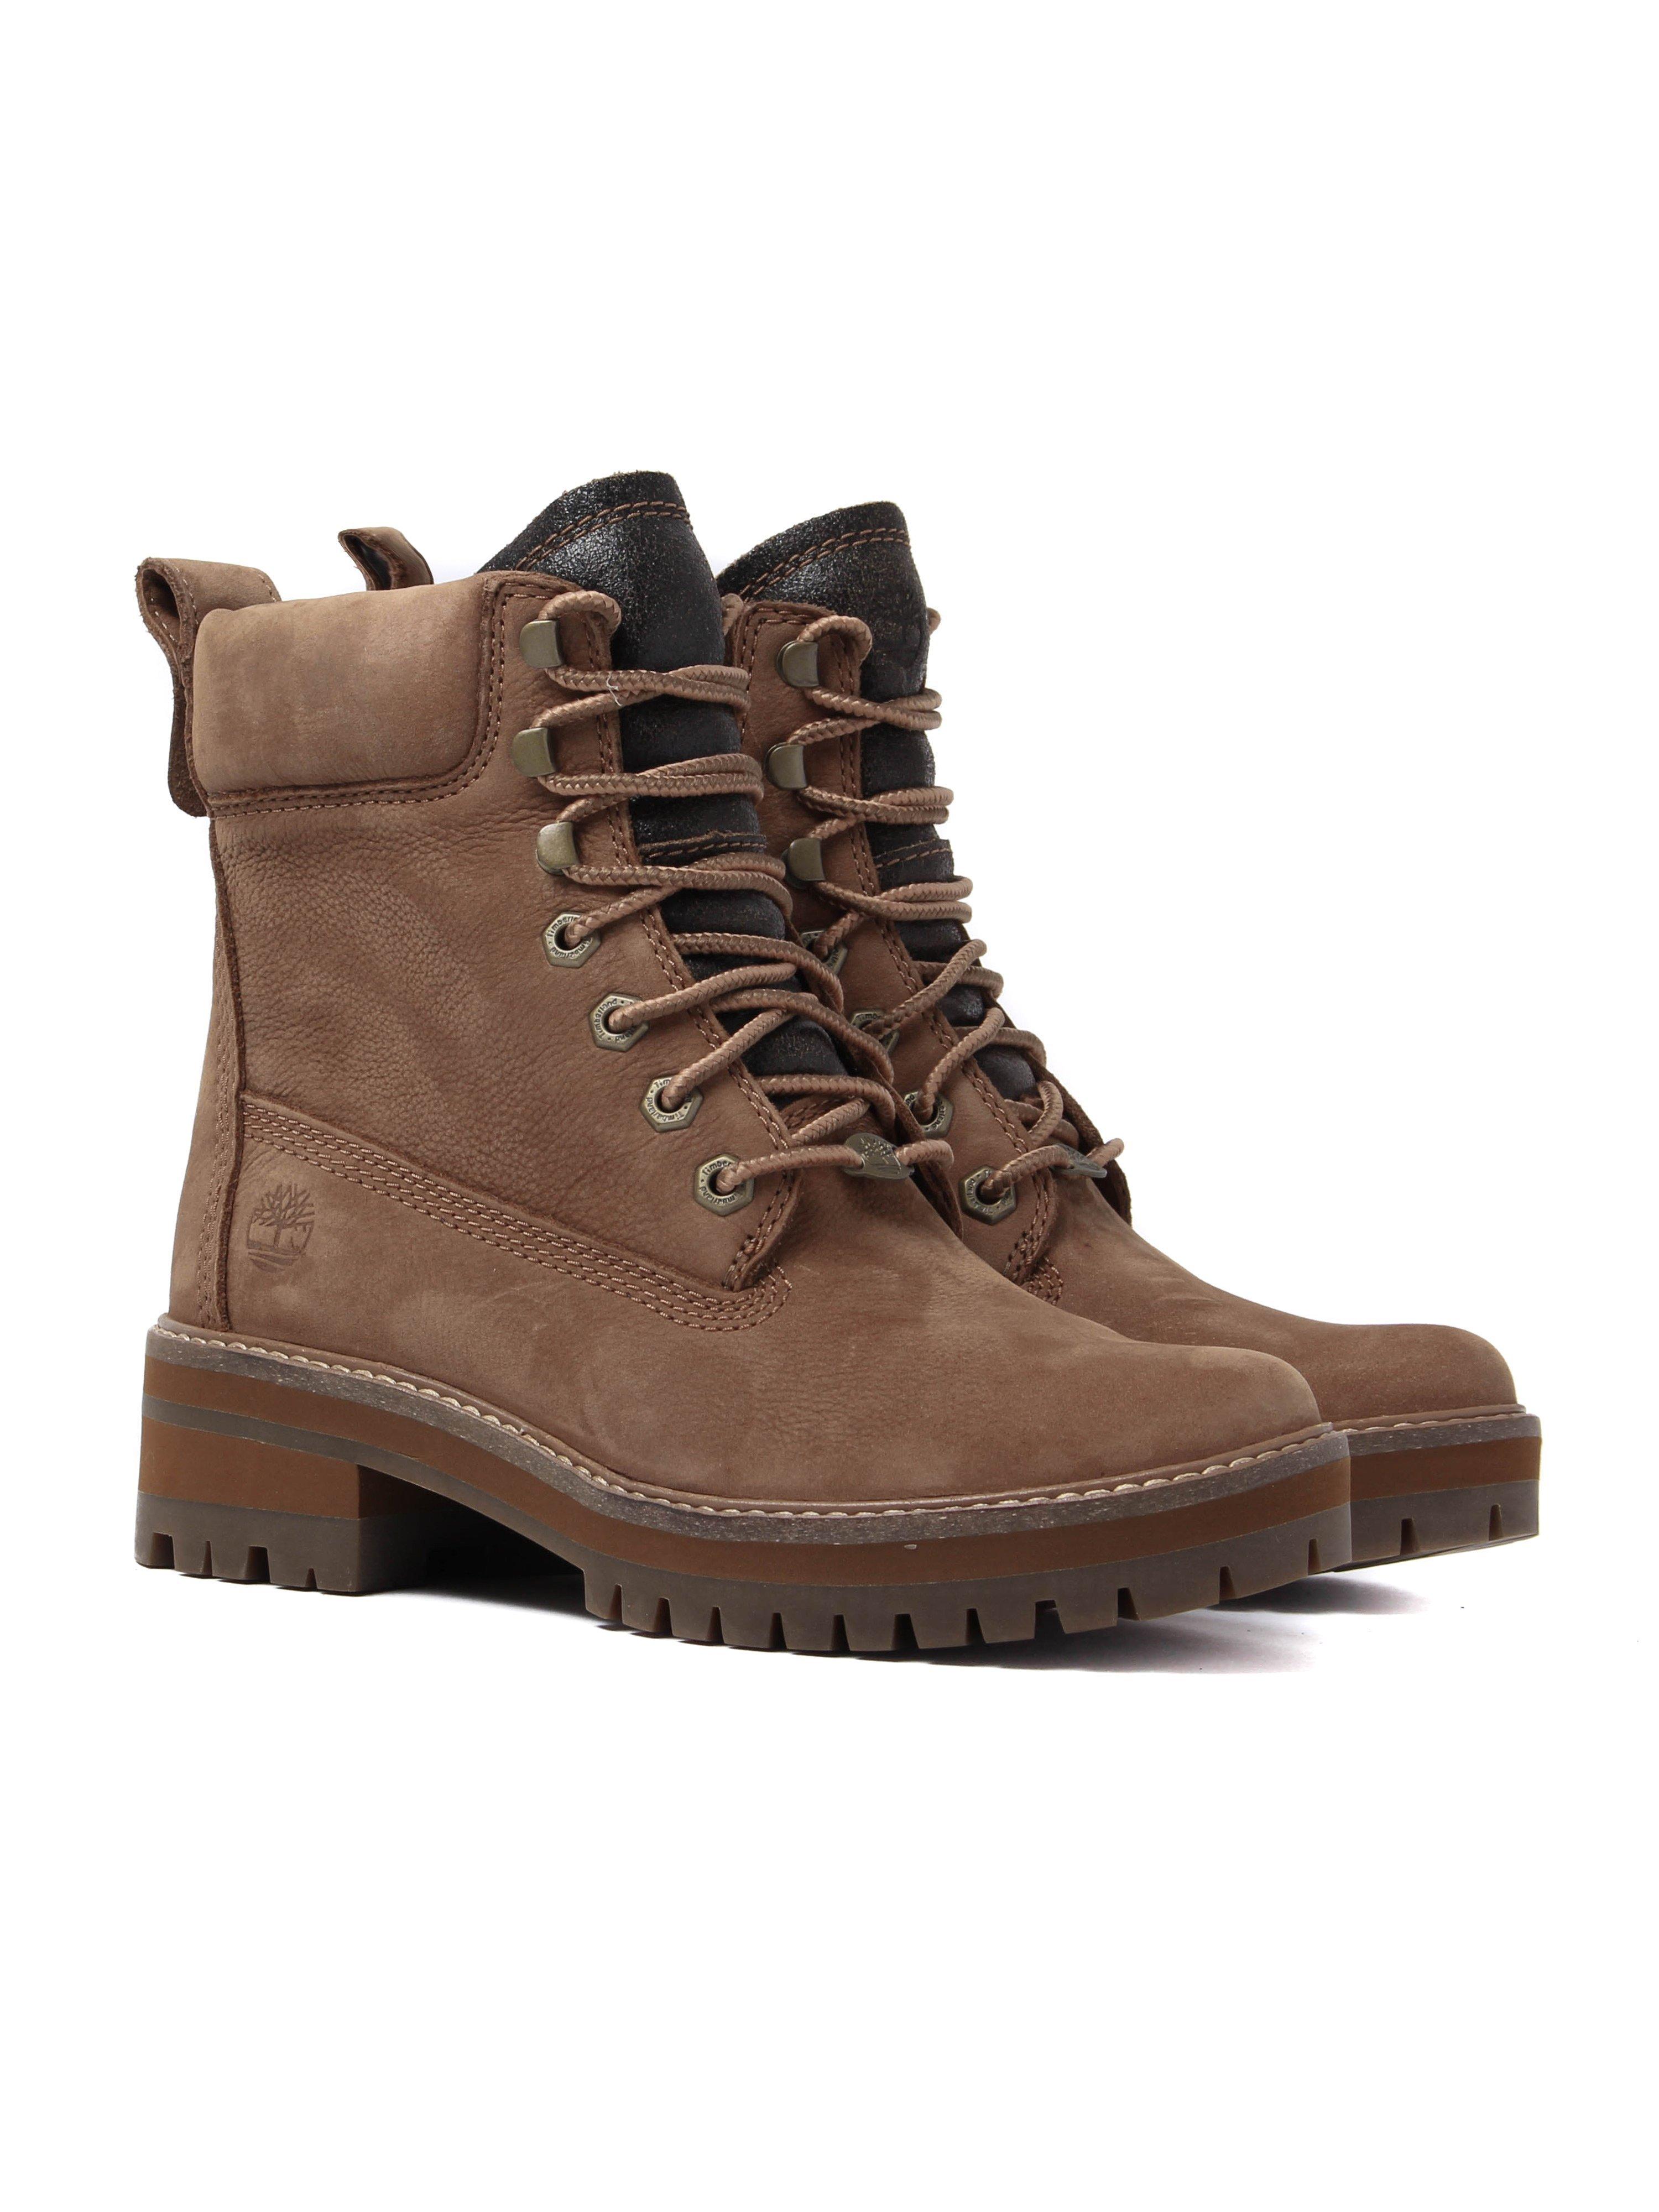 Timberland Courmayeur Valley Boots - Sundance Suede